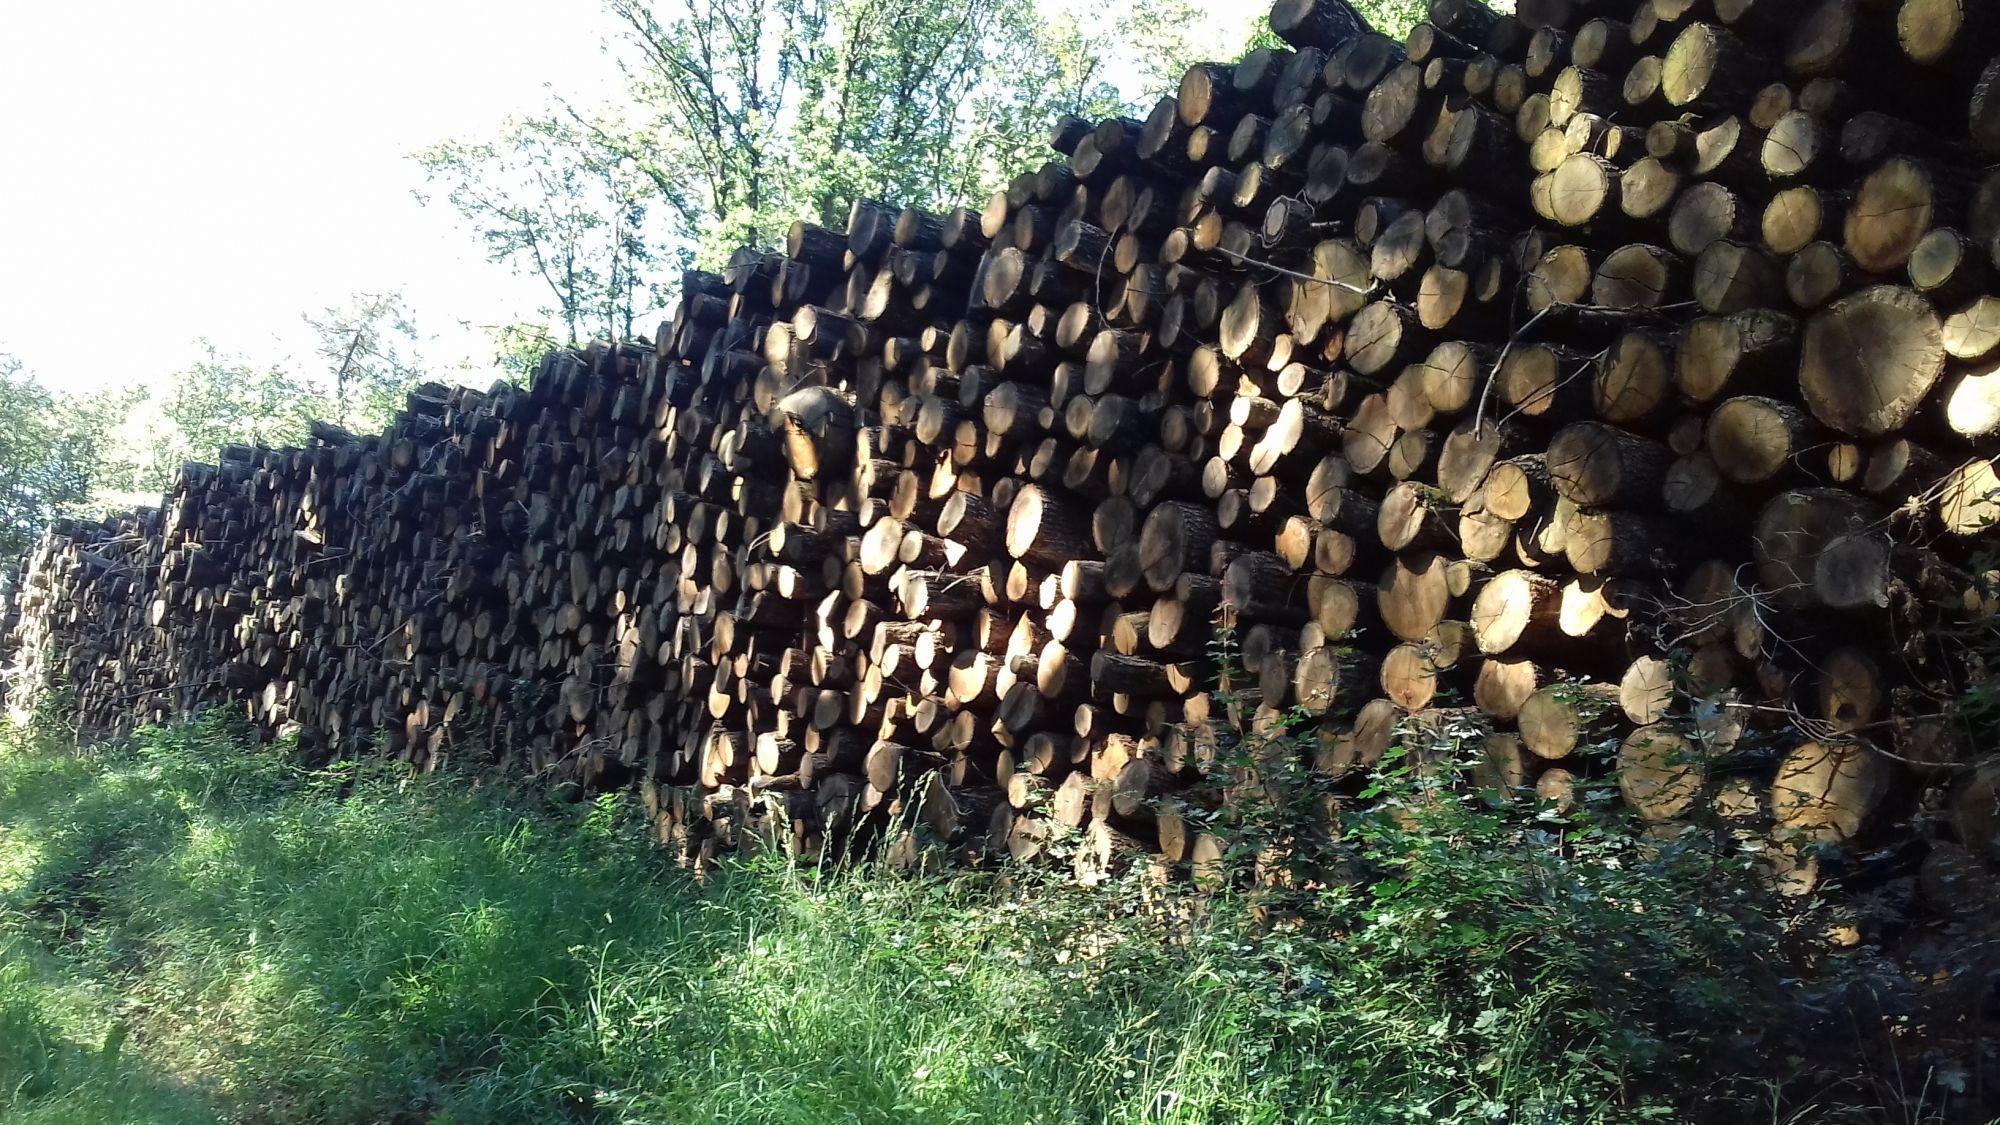 bois de chauffage 12site internet pour revendeur de combustible bois dans l'Aveyron